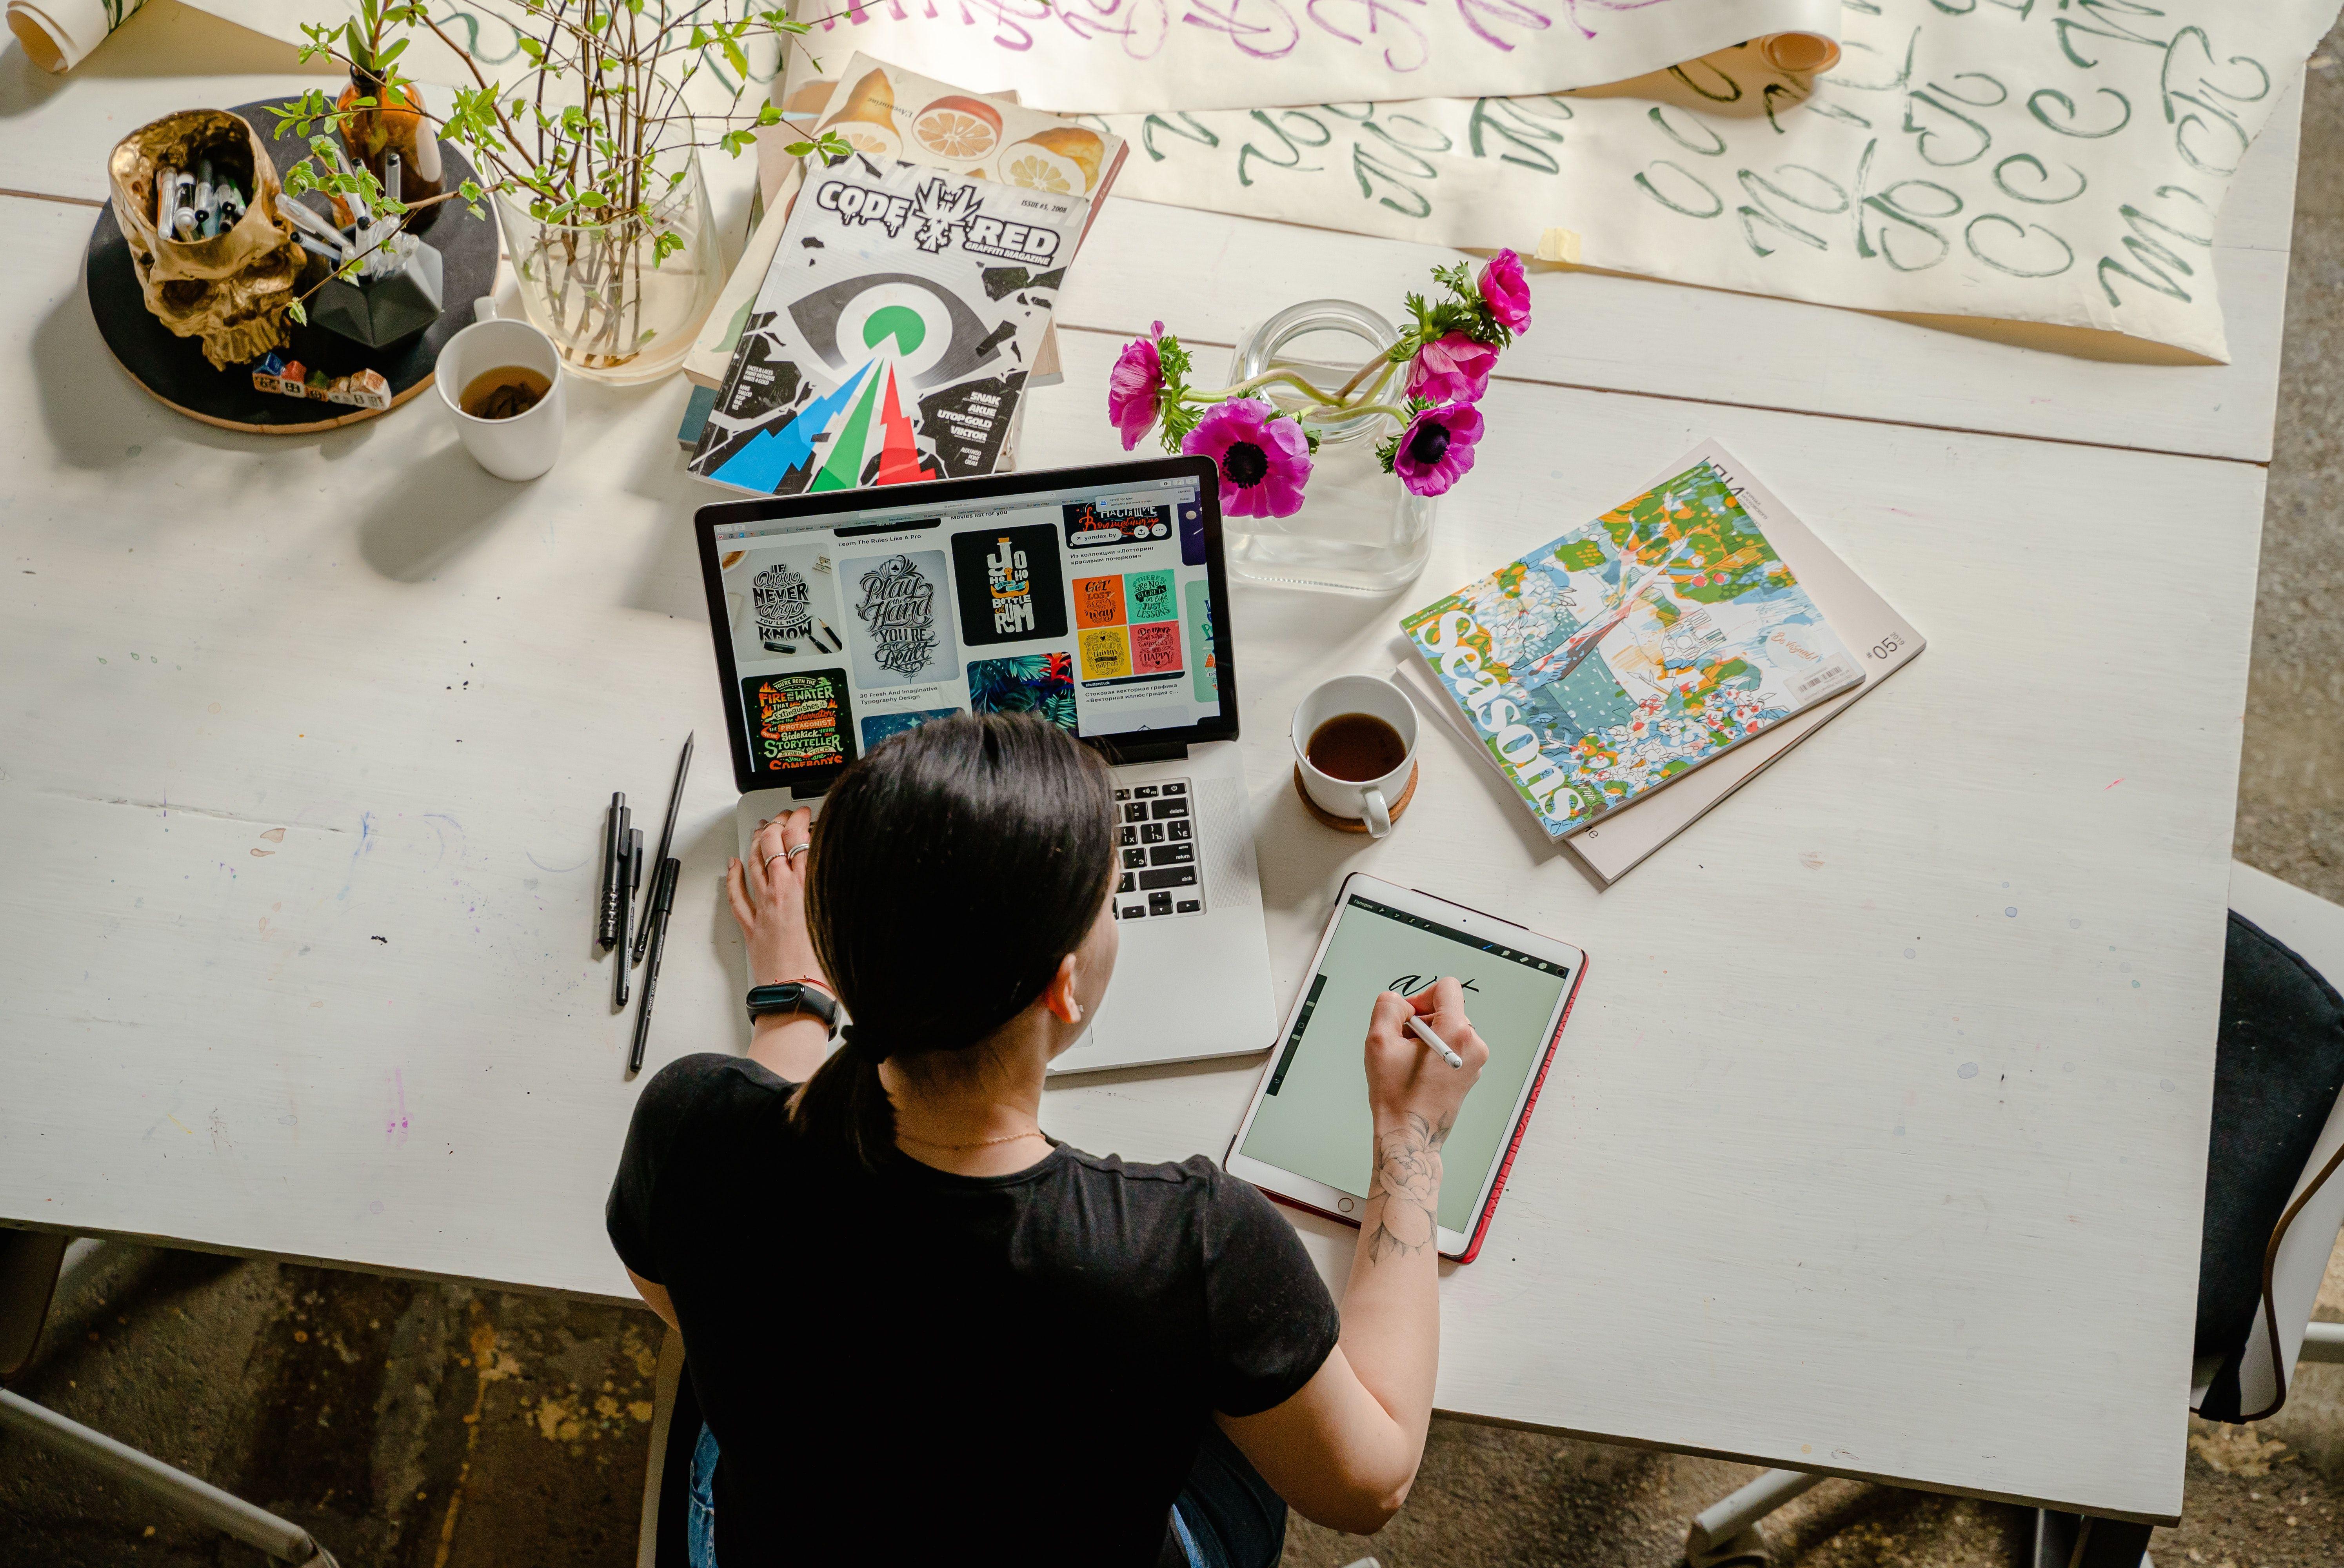 طراح گرافیک در حال طراحی با کامپیوتر